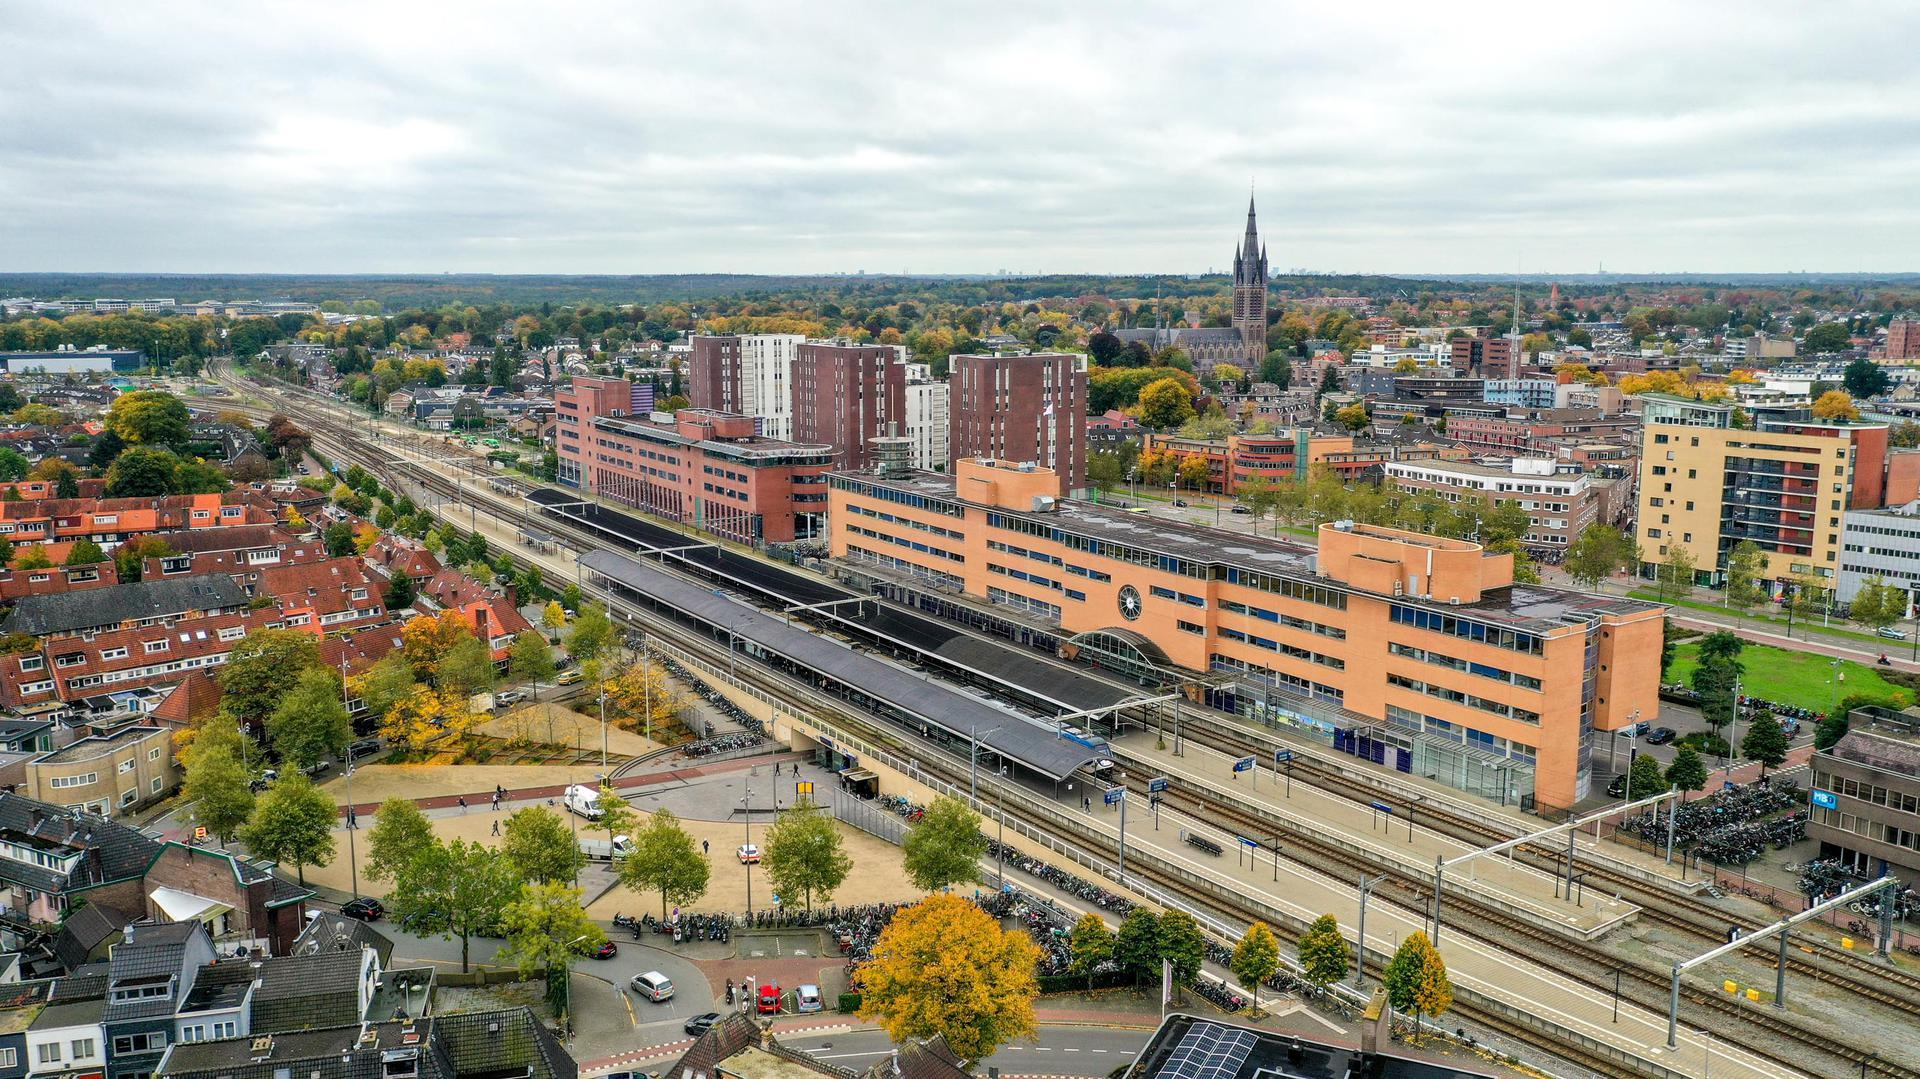 Plek voor 100 tot 250 woningen op en rond het Oosterspoorplein in Hilversum. 'Het wordt absoluut niet volgebouwd'